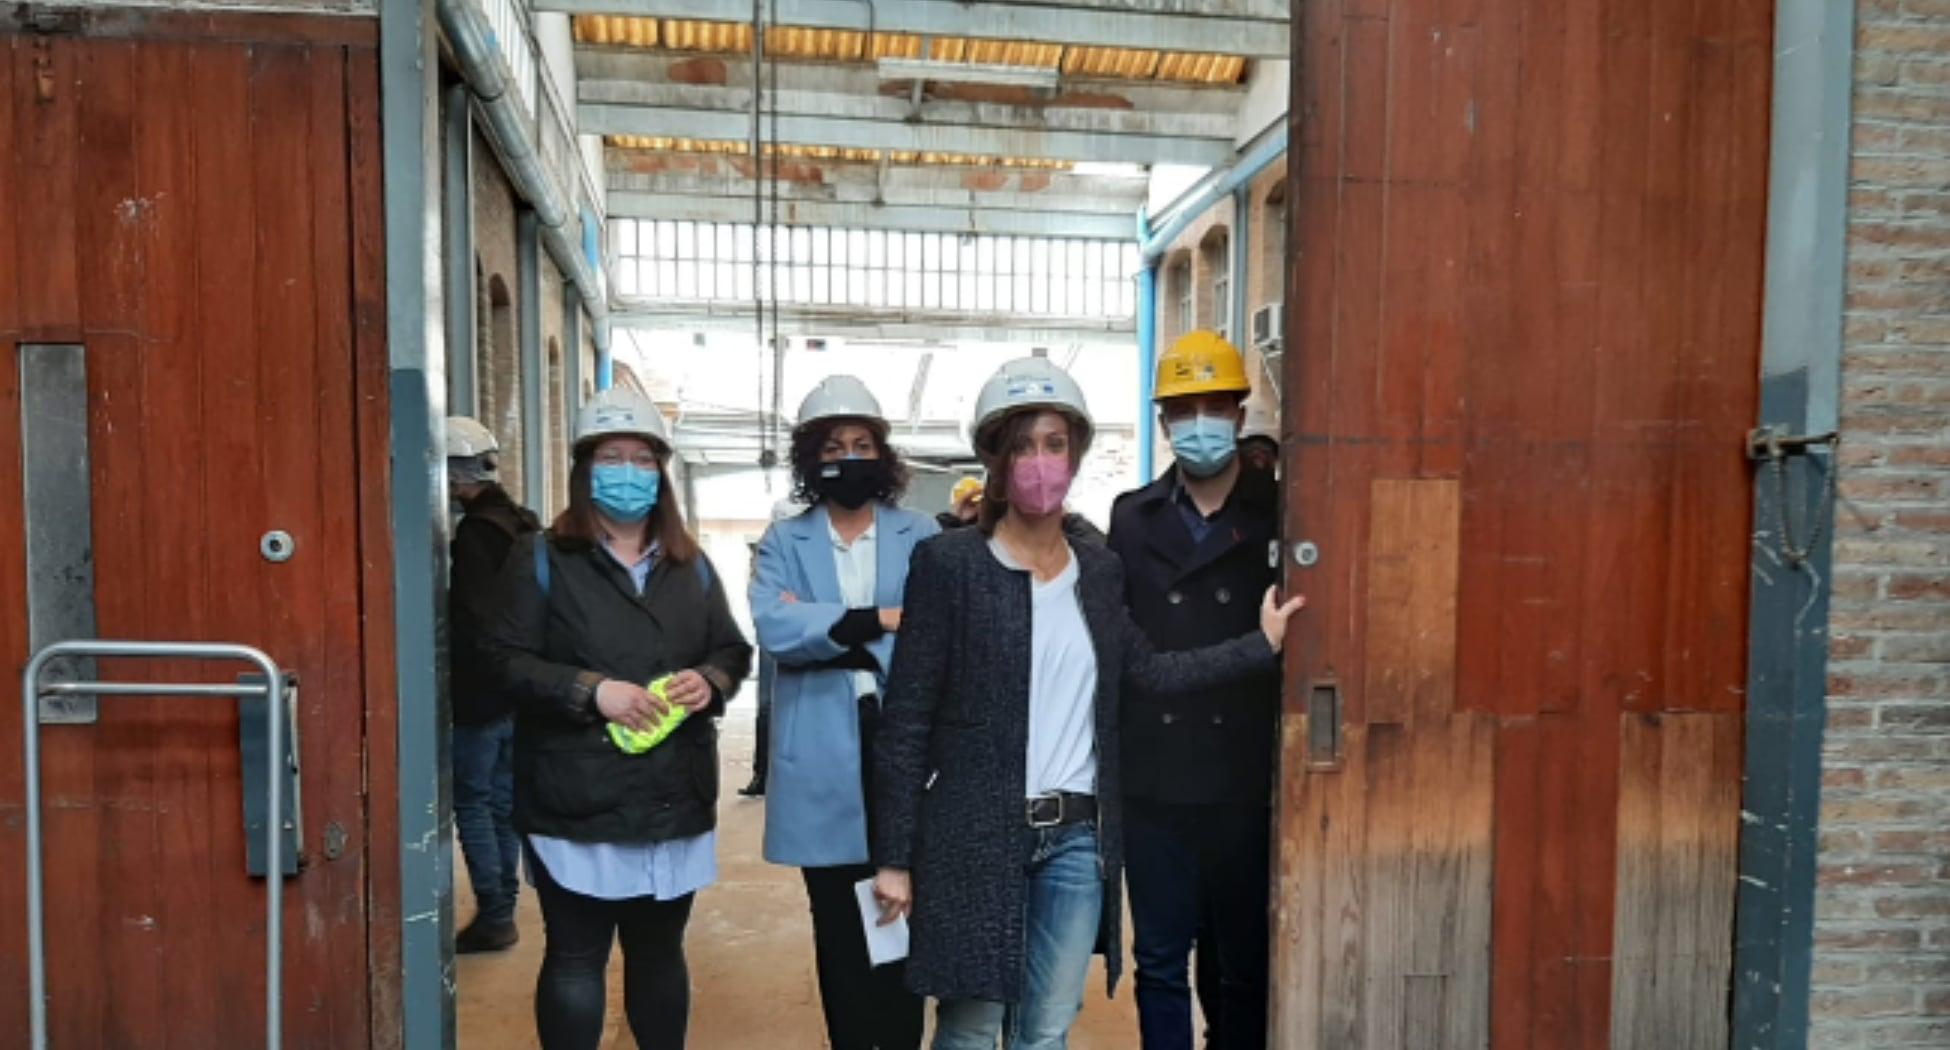 El conjunt de Sallarès i Deu acollirà un nou pol de formació amb les escoles de Restauració i de Flequeria i un centre per a la transició digital